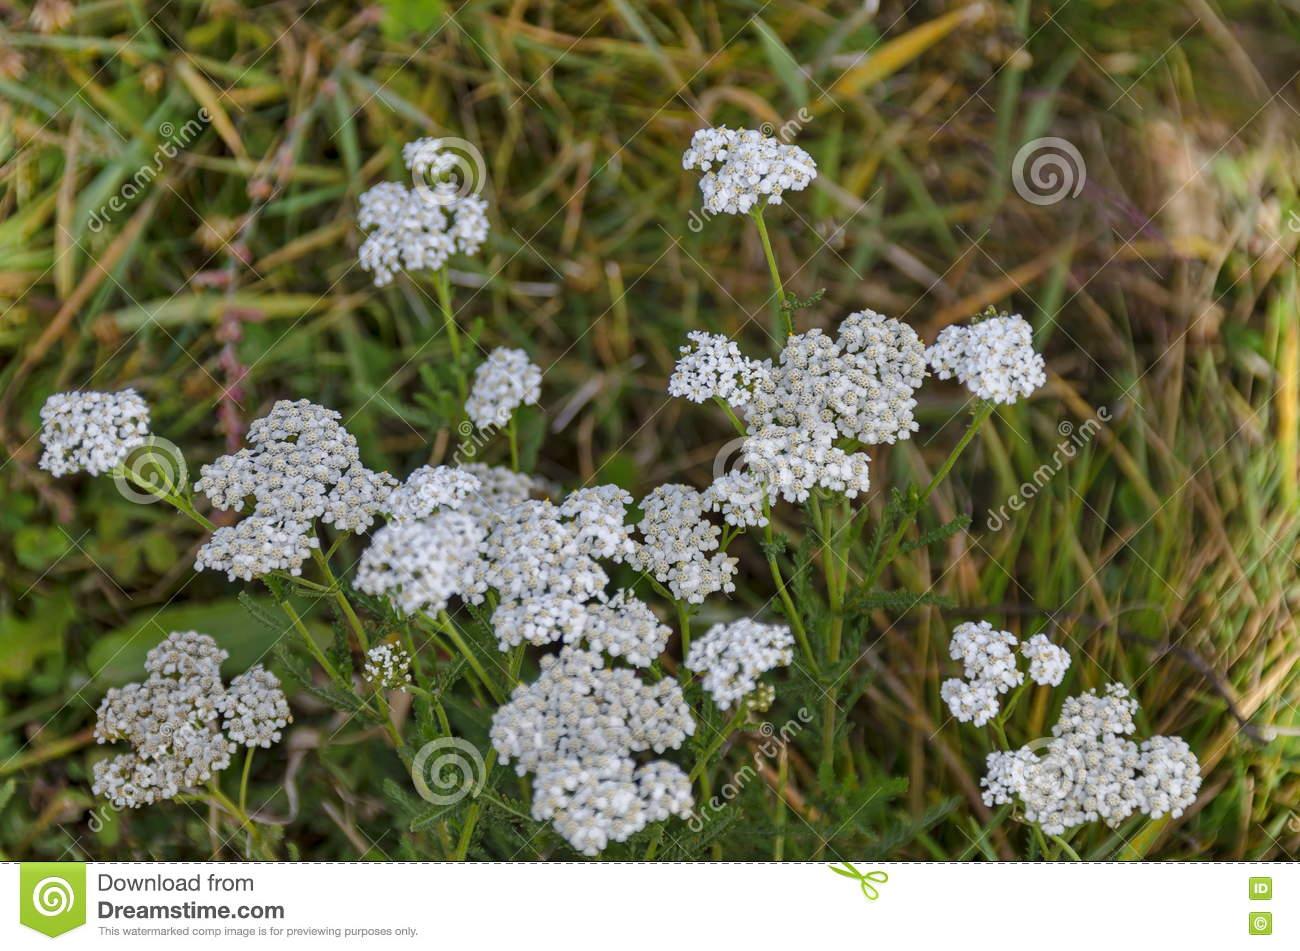 Yarrow Flowers Or Achillea Millefolium In Meadow Stock Photo.